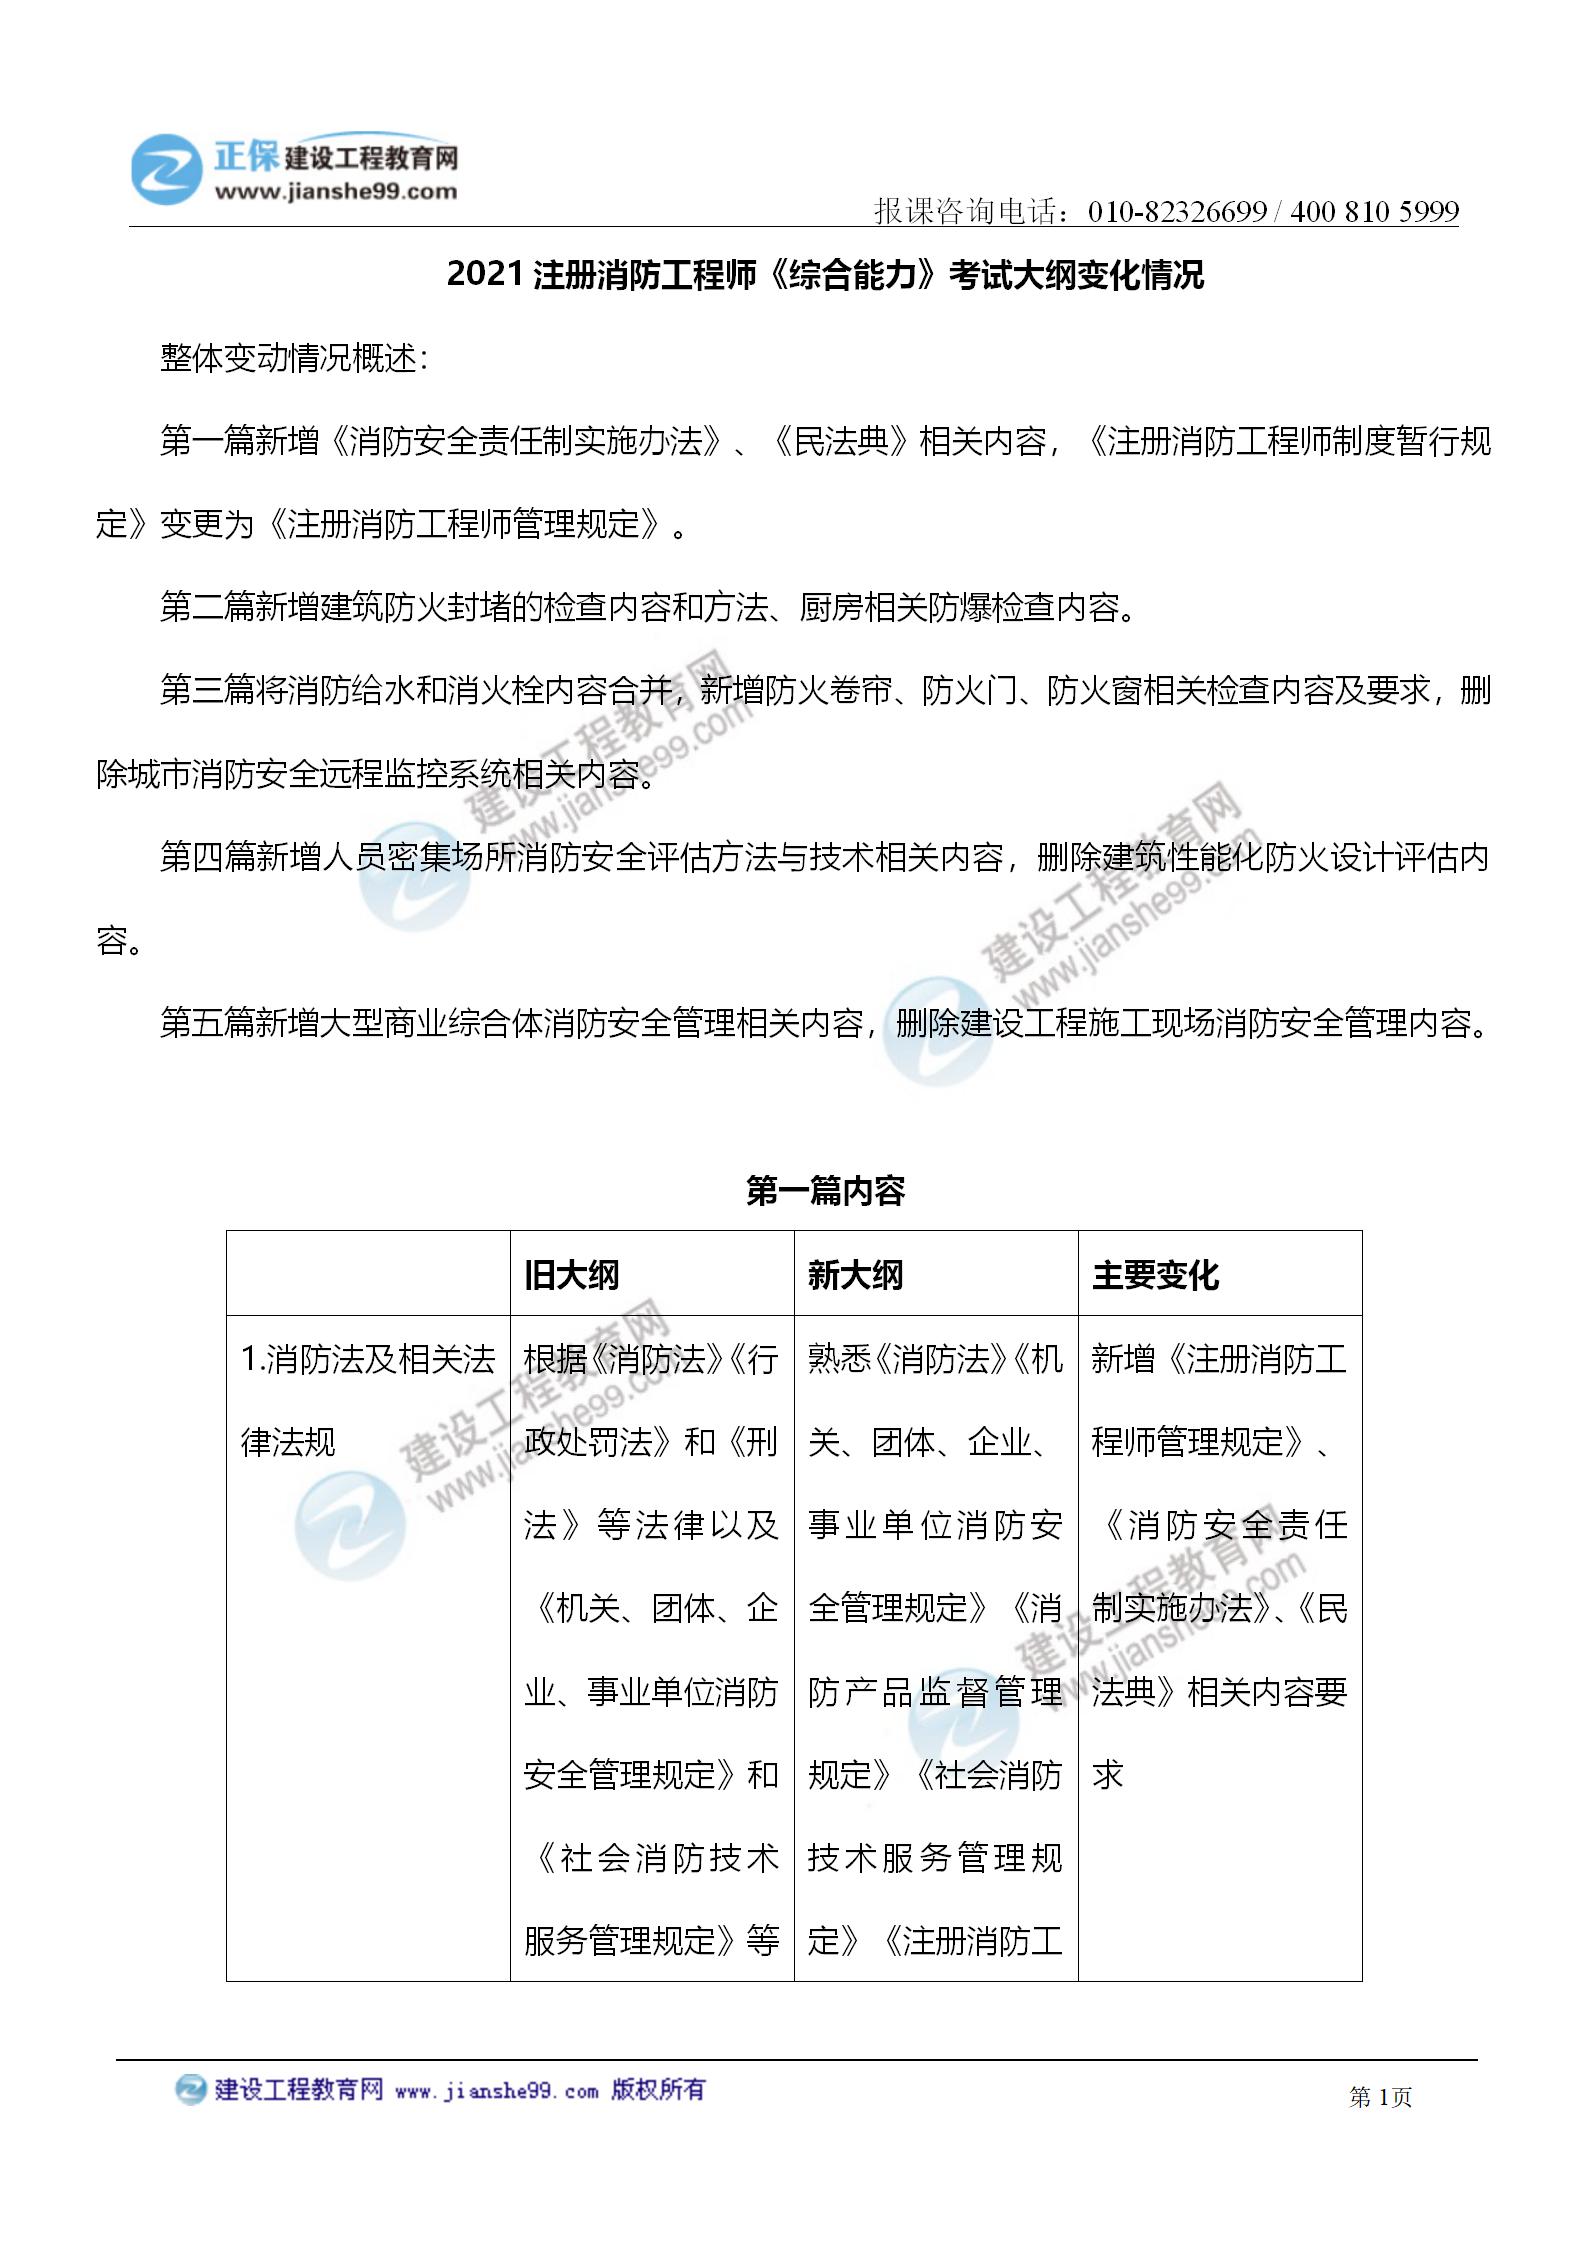 2021注册消防工程师《综合能力》考试大纲变化情况_01